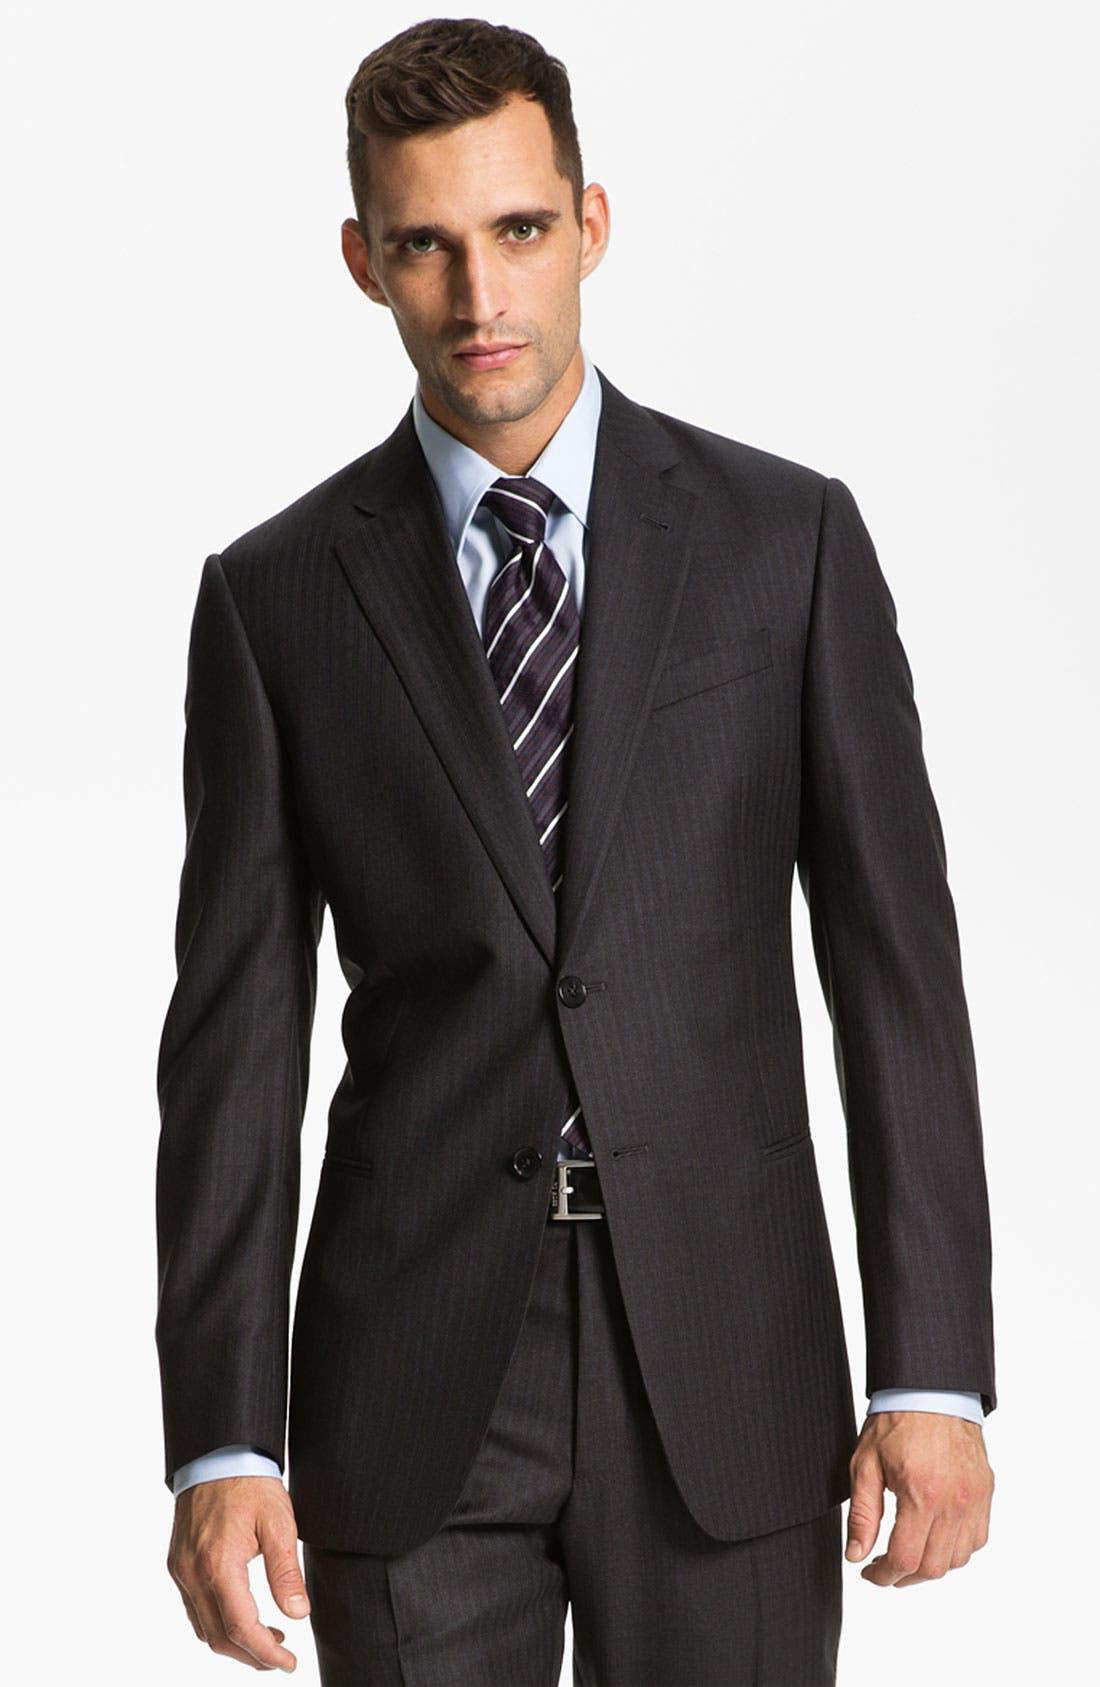 Main Image - Armani Collezioni 'Giorgio' Trim Fit Stripe Suit